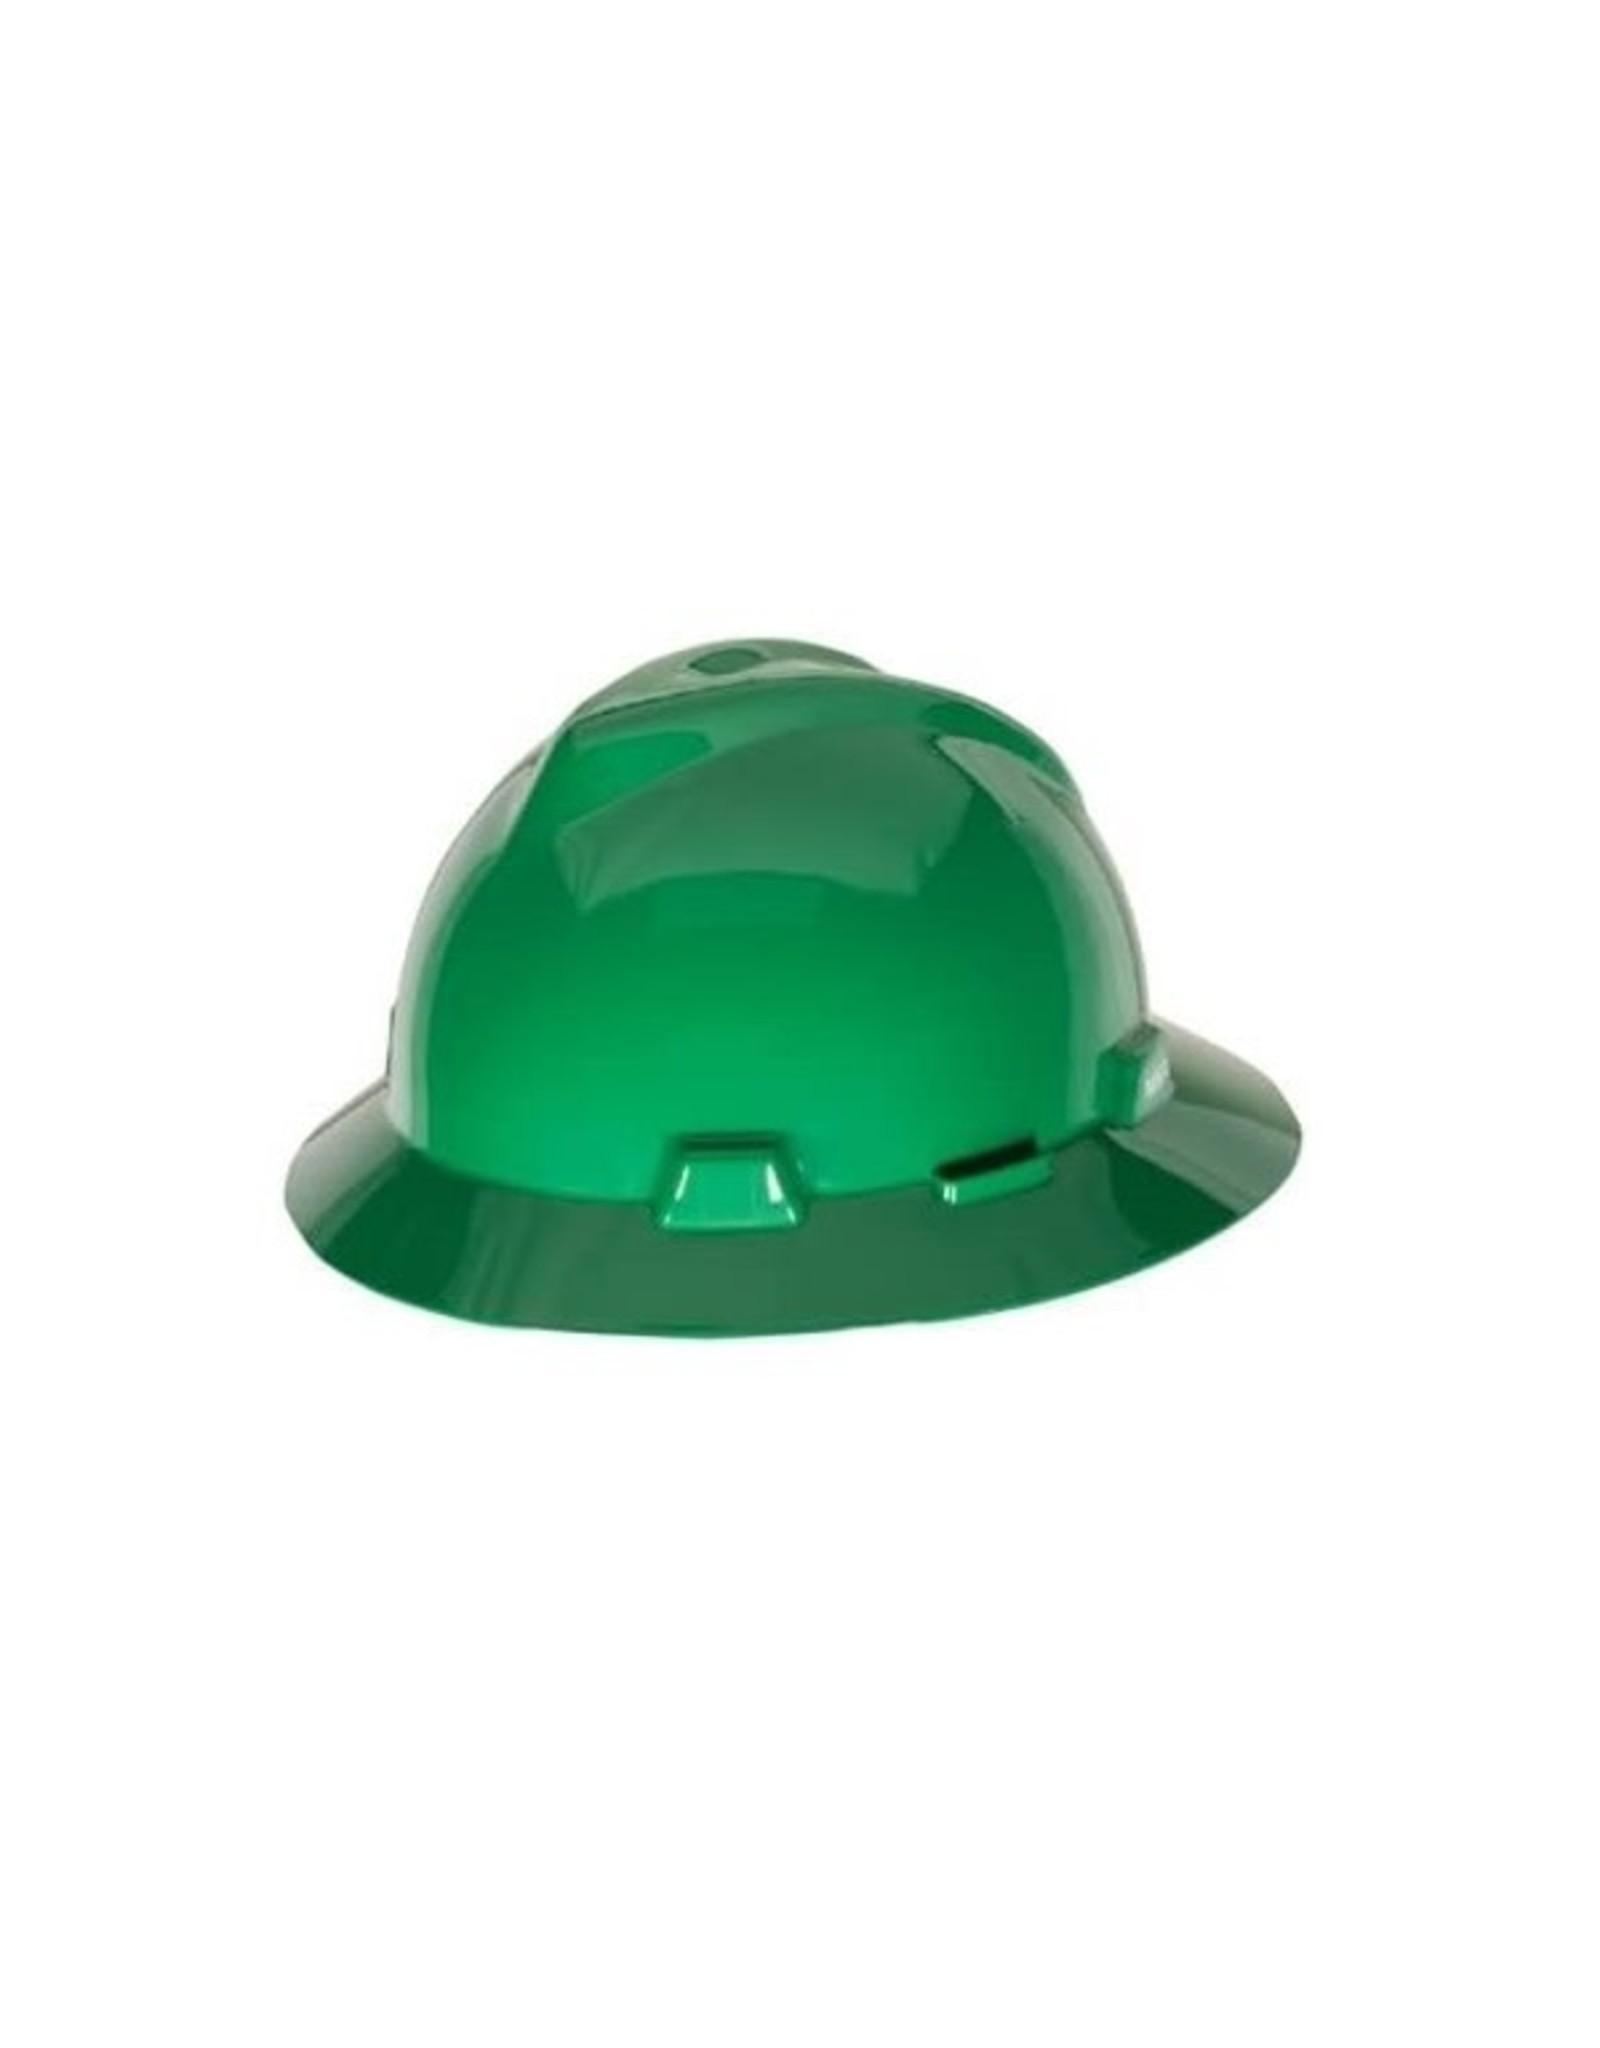 MSA MSA V-Gard® Full Brim Protective Hard Hat, Class E